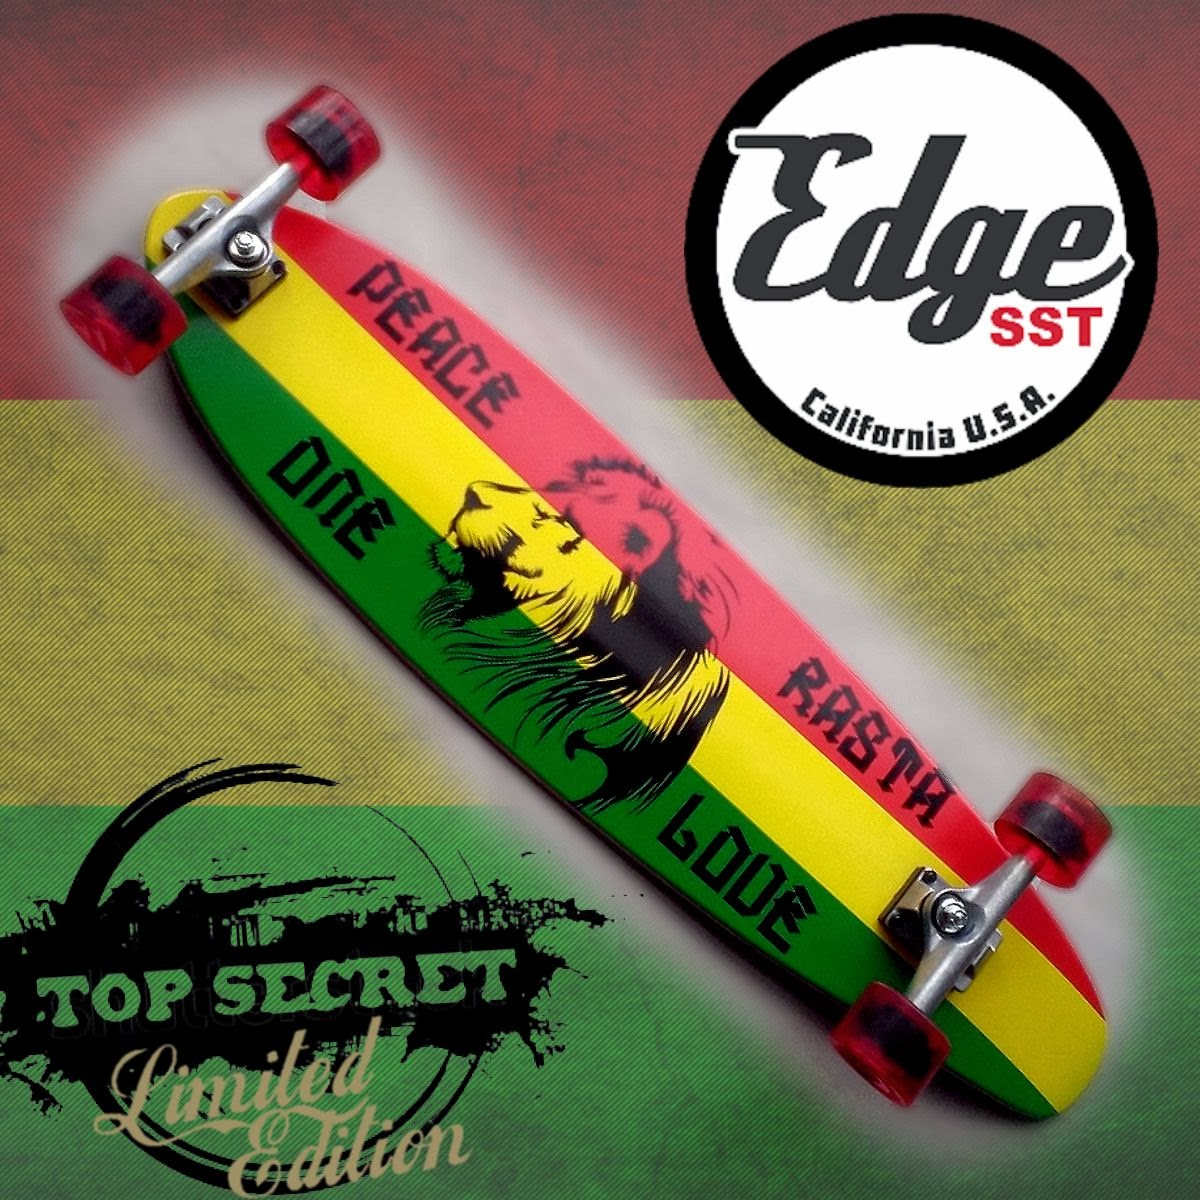 Edge SST Rasta Skateboard